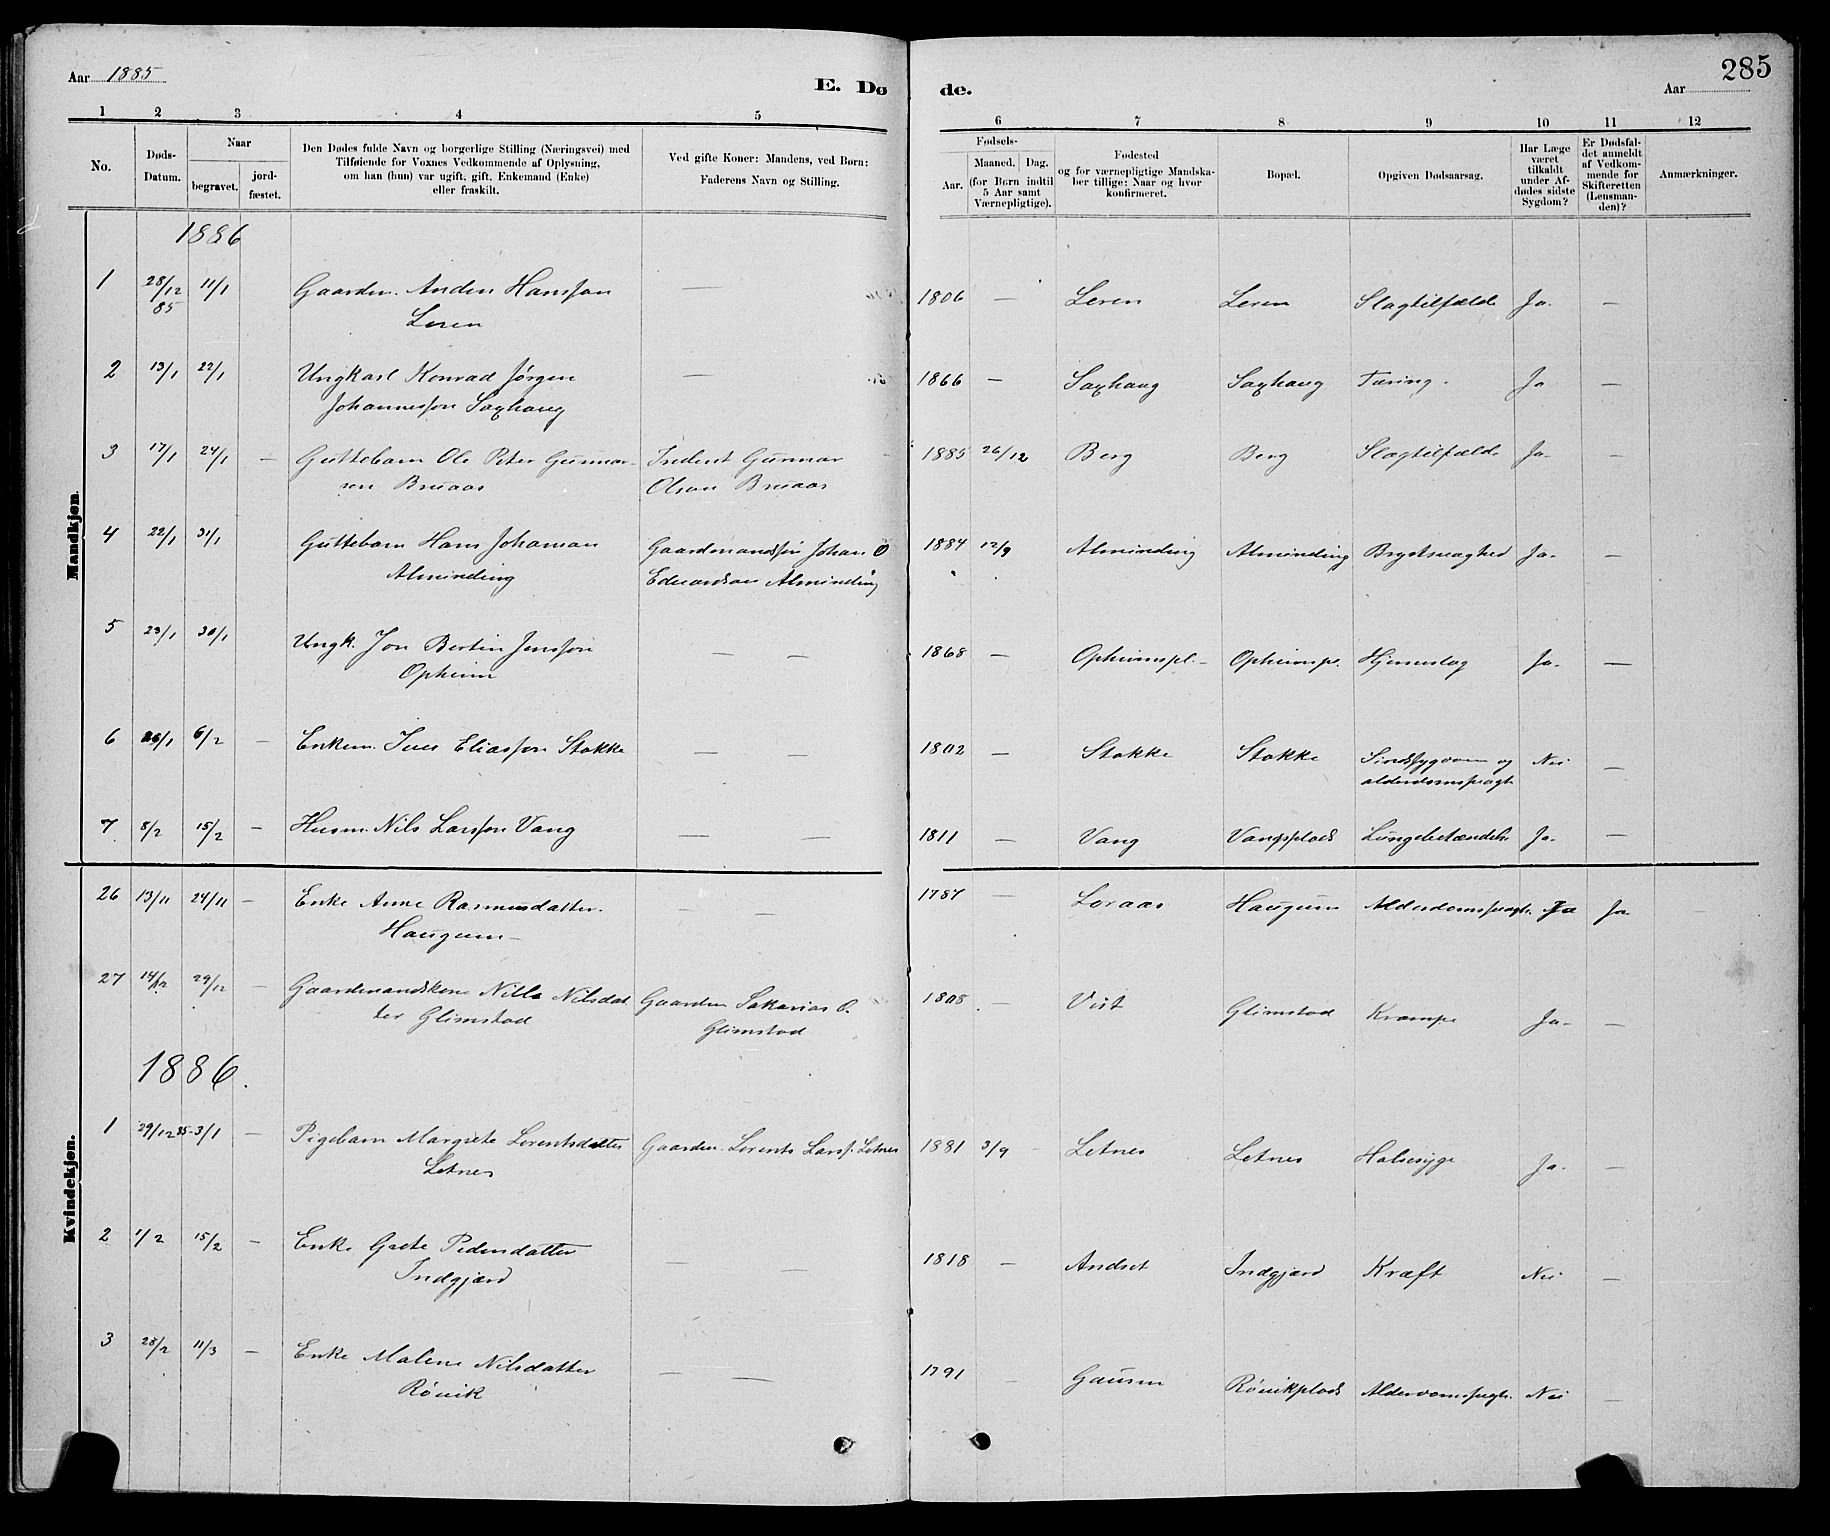 SAT, Ministerialprotokoller, klokkerbøker og fødselsregistre - Nord-Trøndelag, 730/L0301: Klokkerbok nr. 730C04, 1880-1897, s. 285